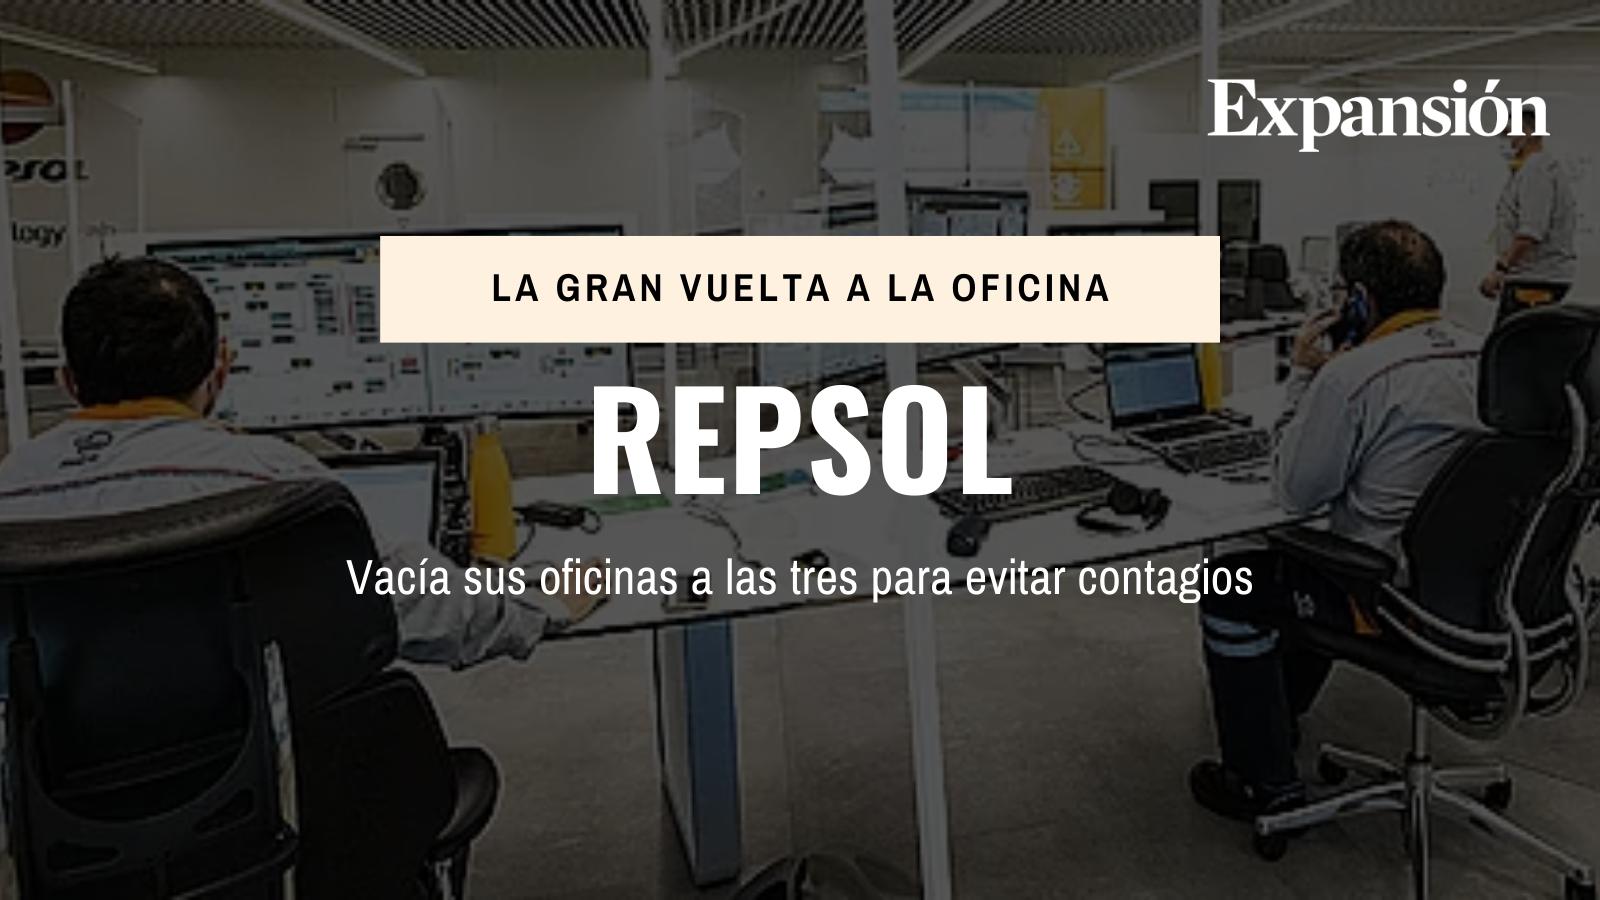 Repsol vacía sus oficinas a las tres para evitar contagios